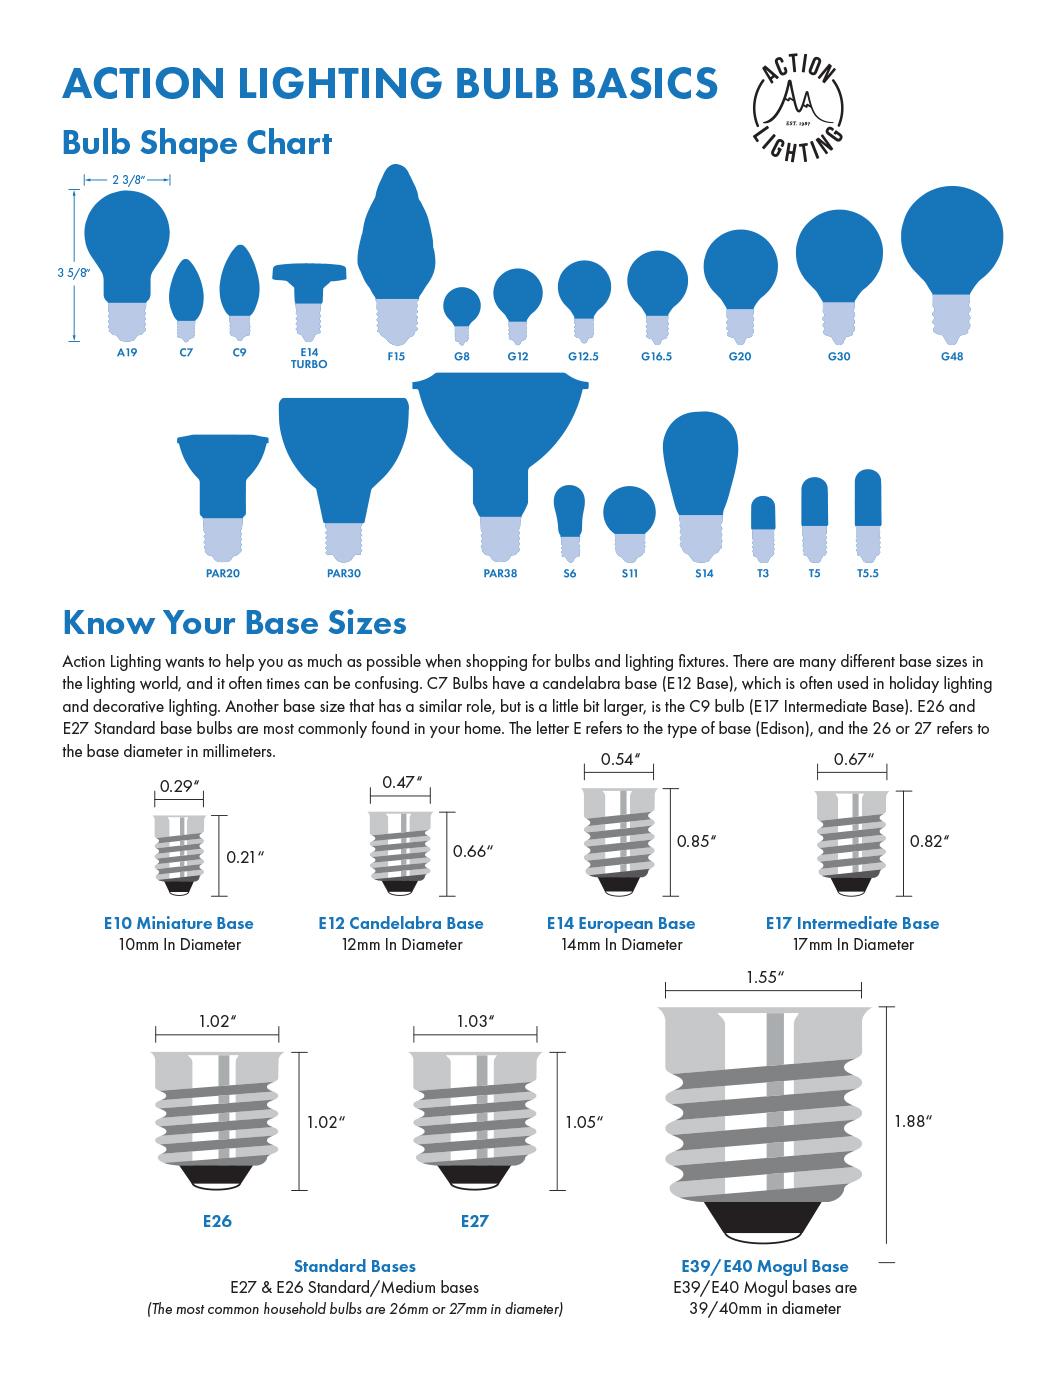 bulbbasics-2021-page1.jpg